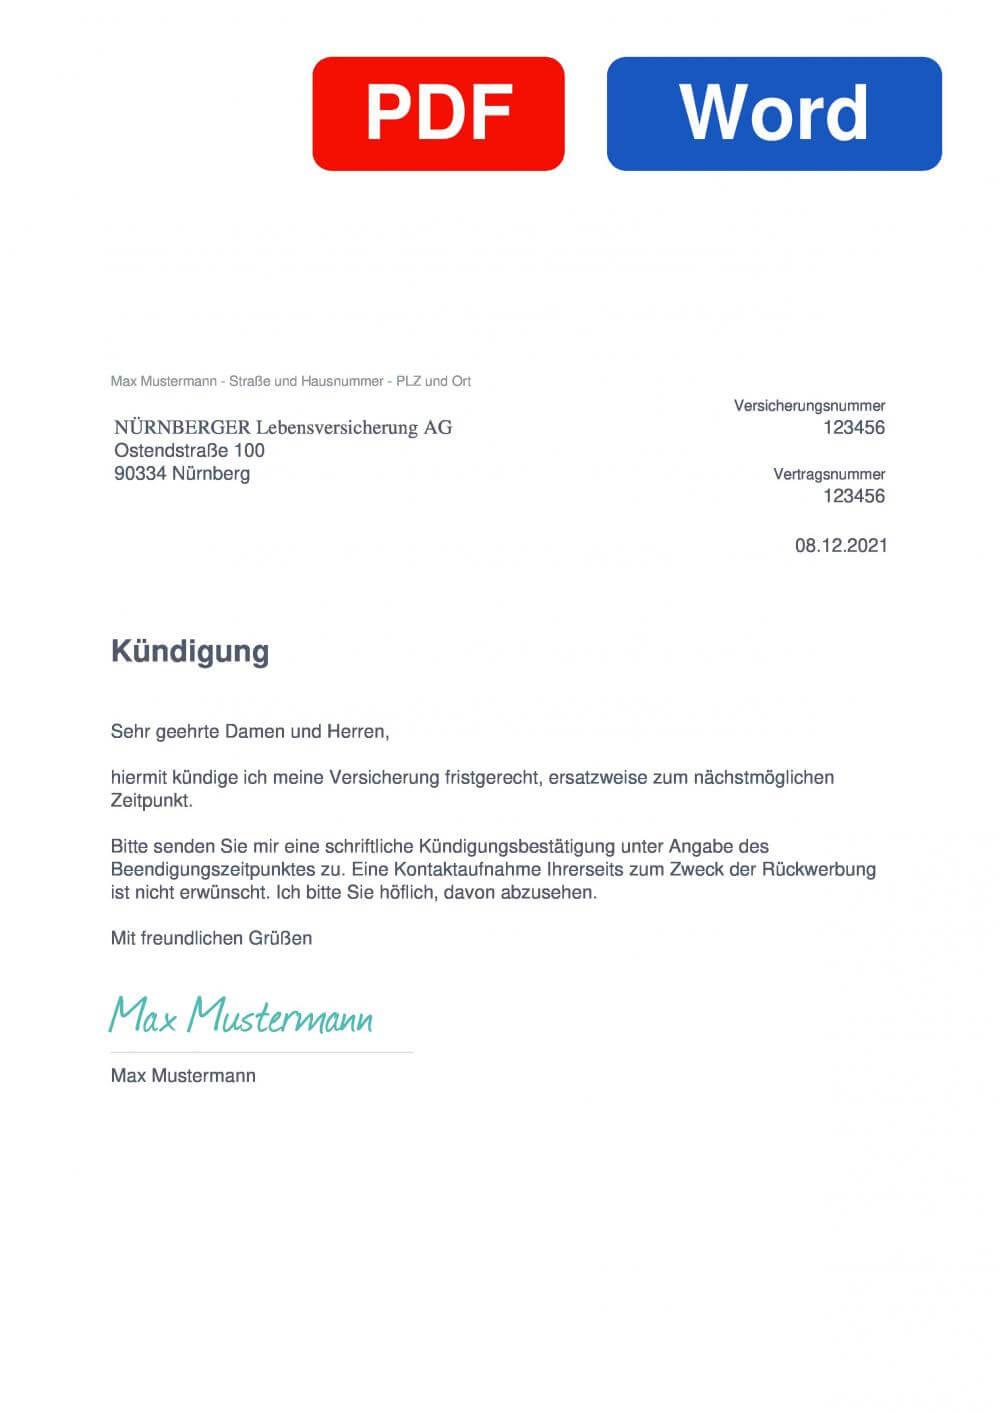 NÜRNBERGER Riester Muster Vorlage für Kündigungsschreiben